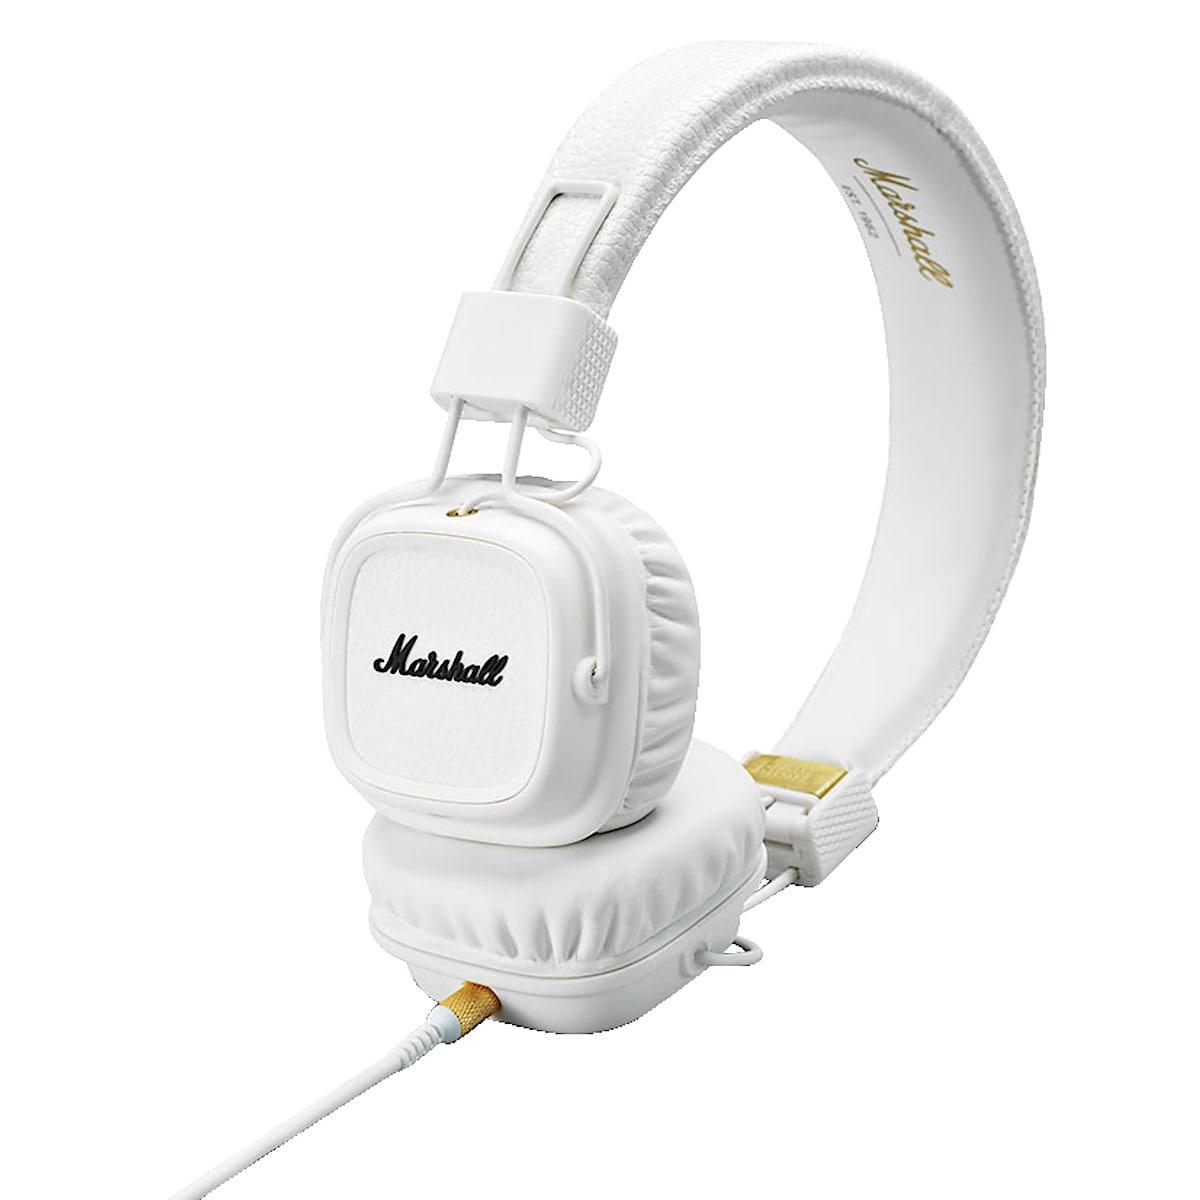 Hörlurar med mikrofon Marshall MajorII